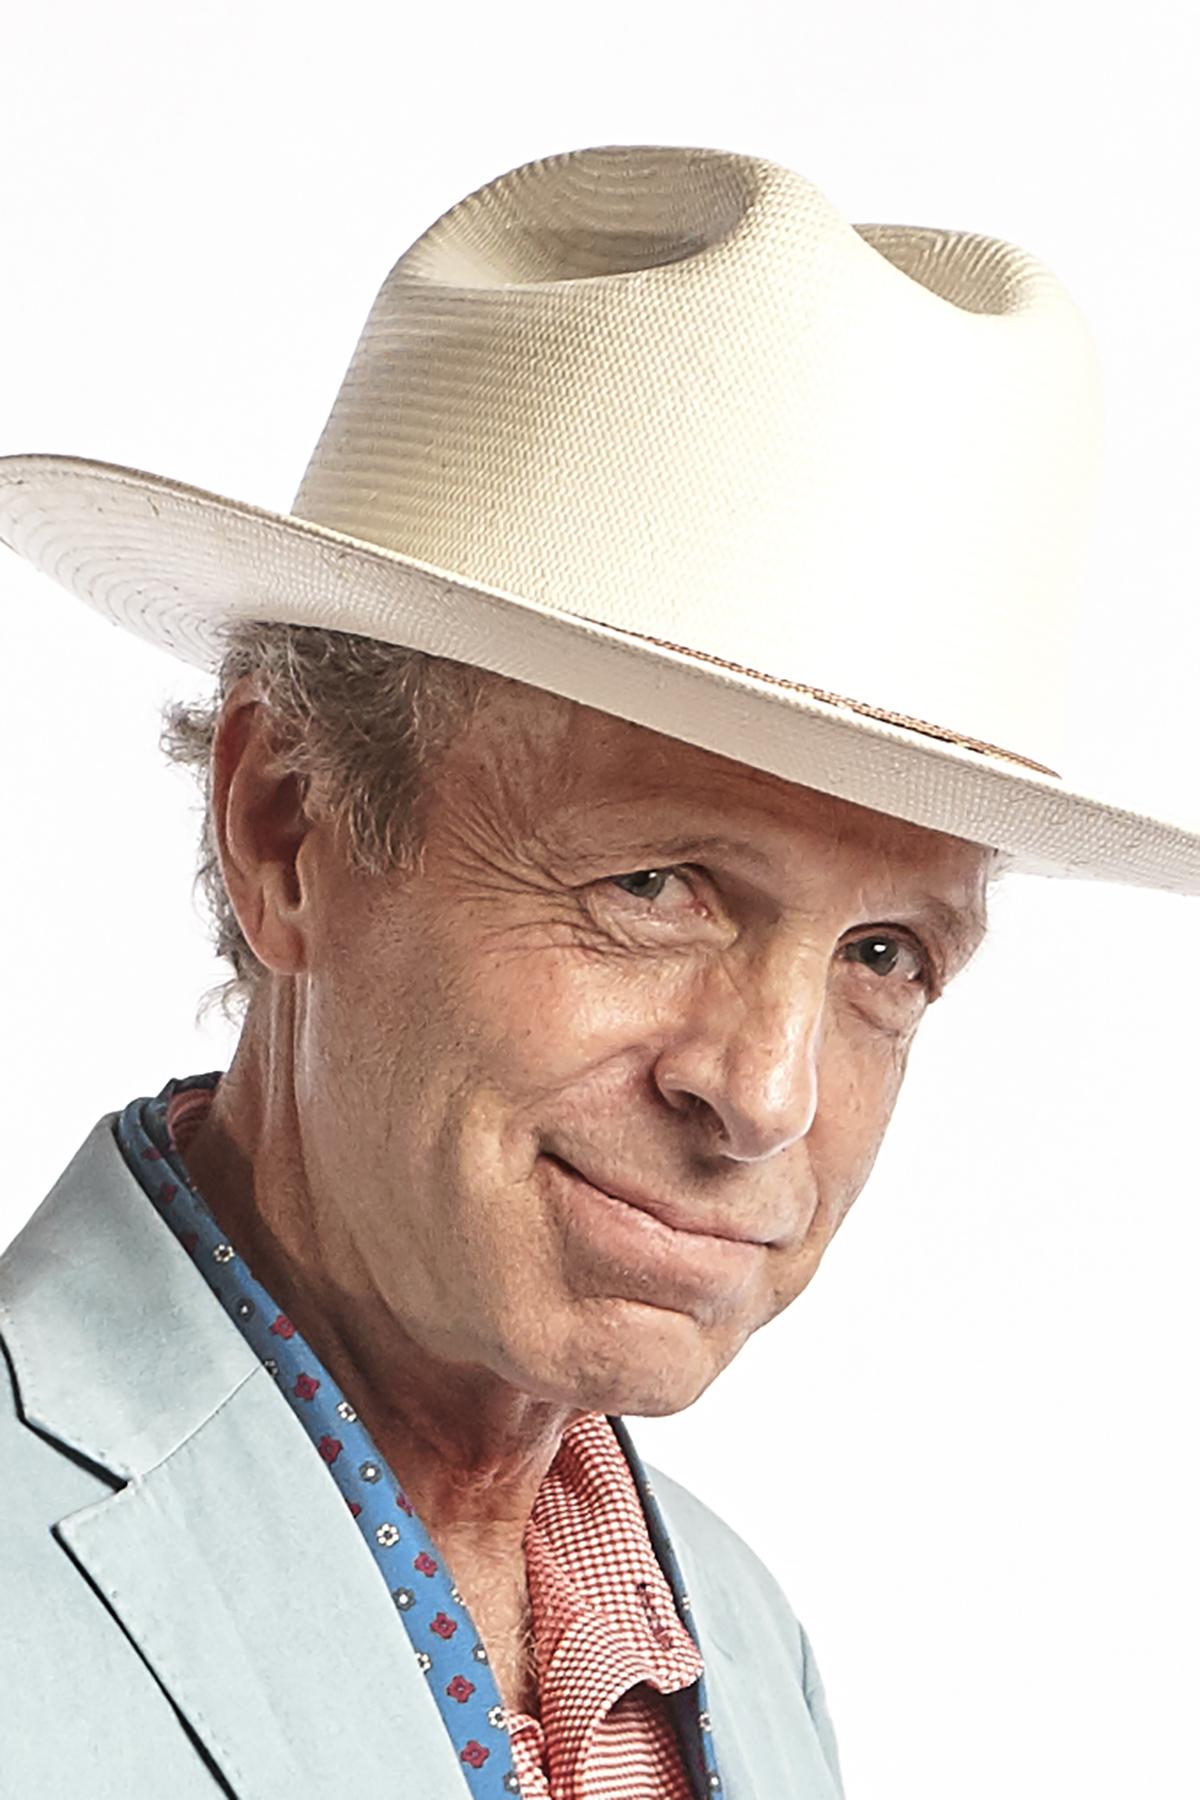 Headshot of journalist Mark McKinnon in large white, straw hat